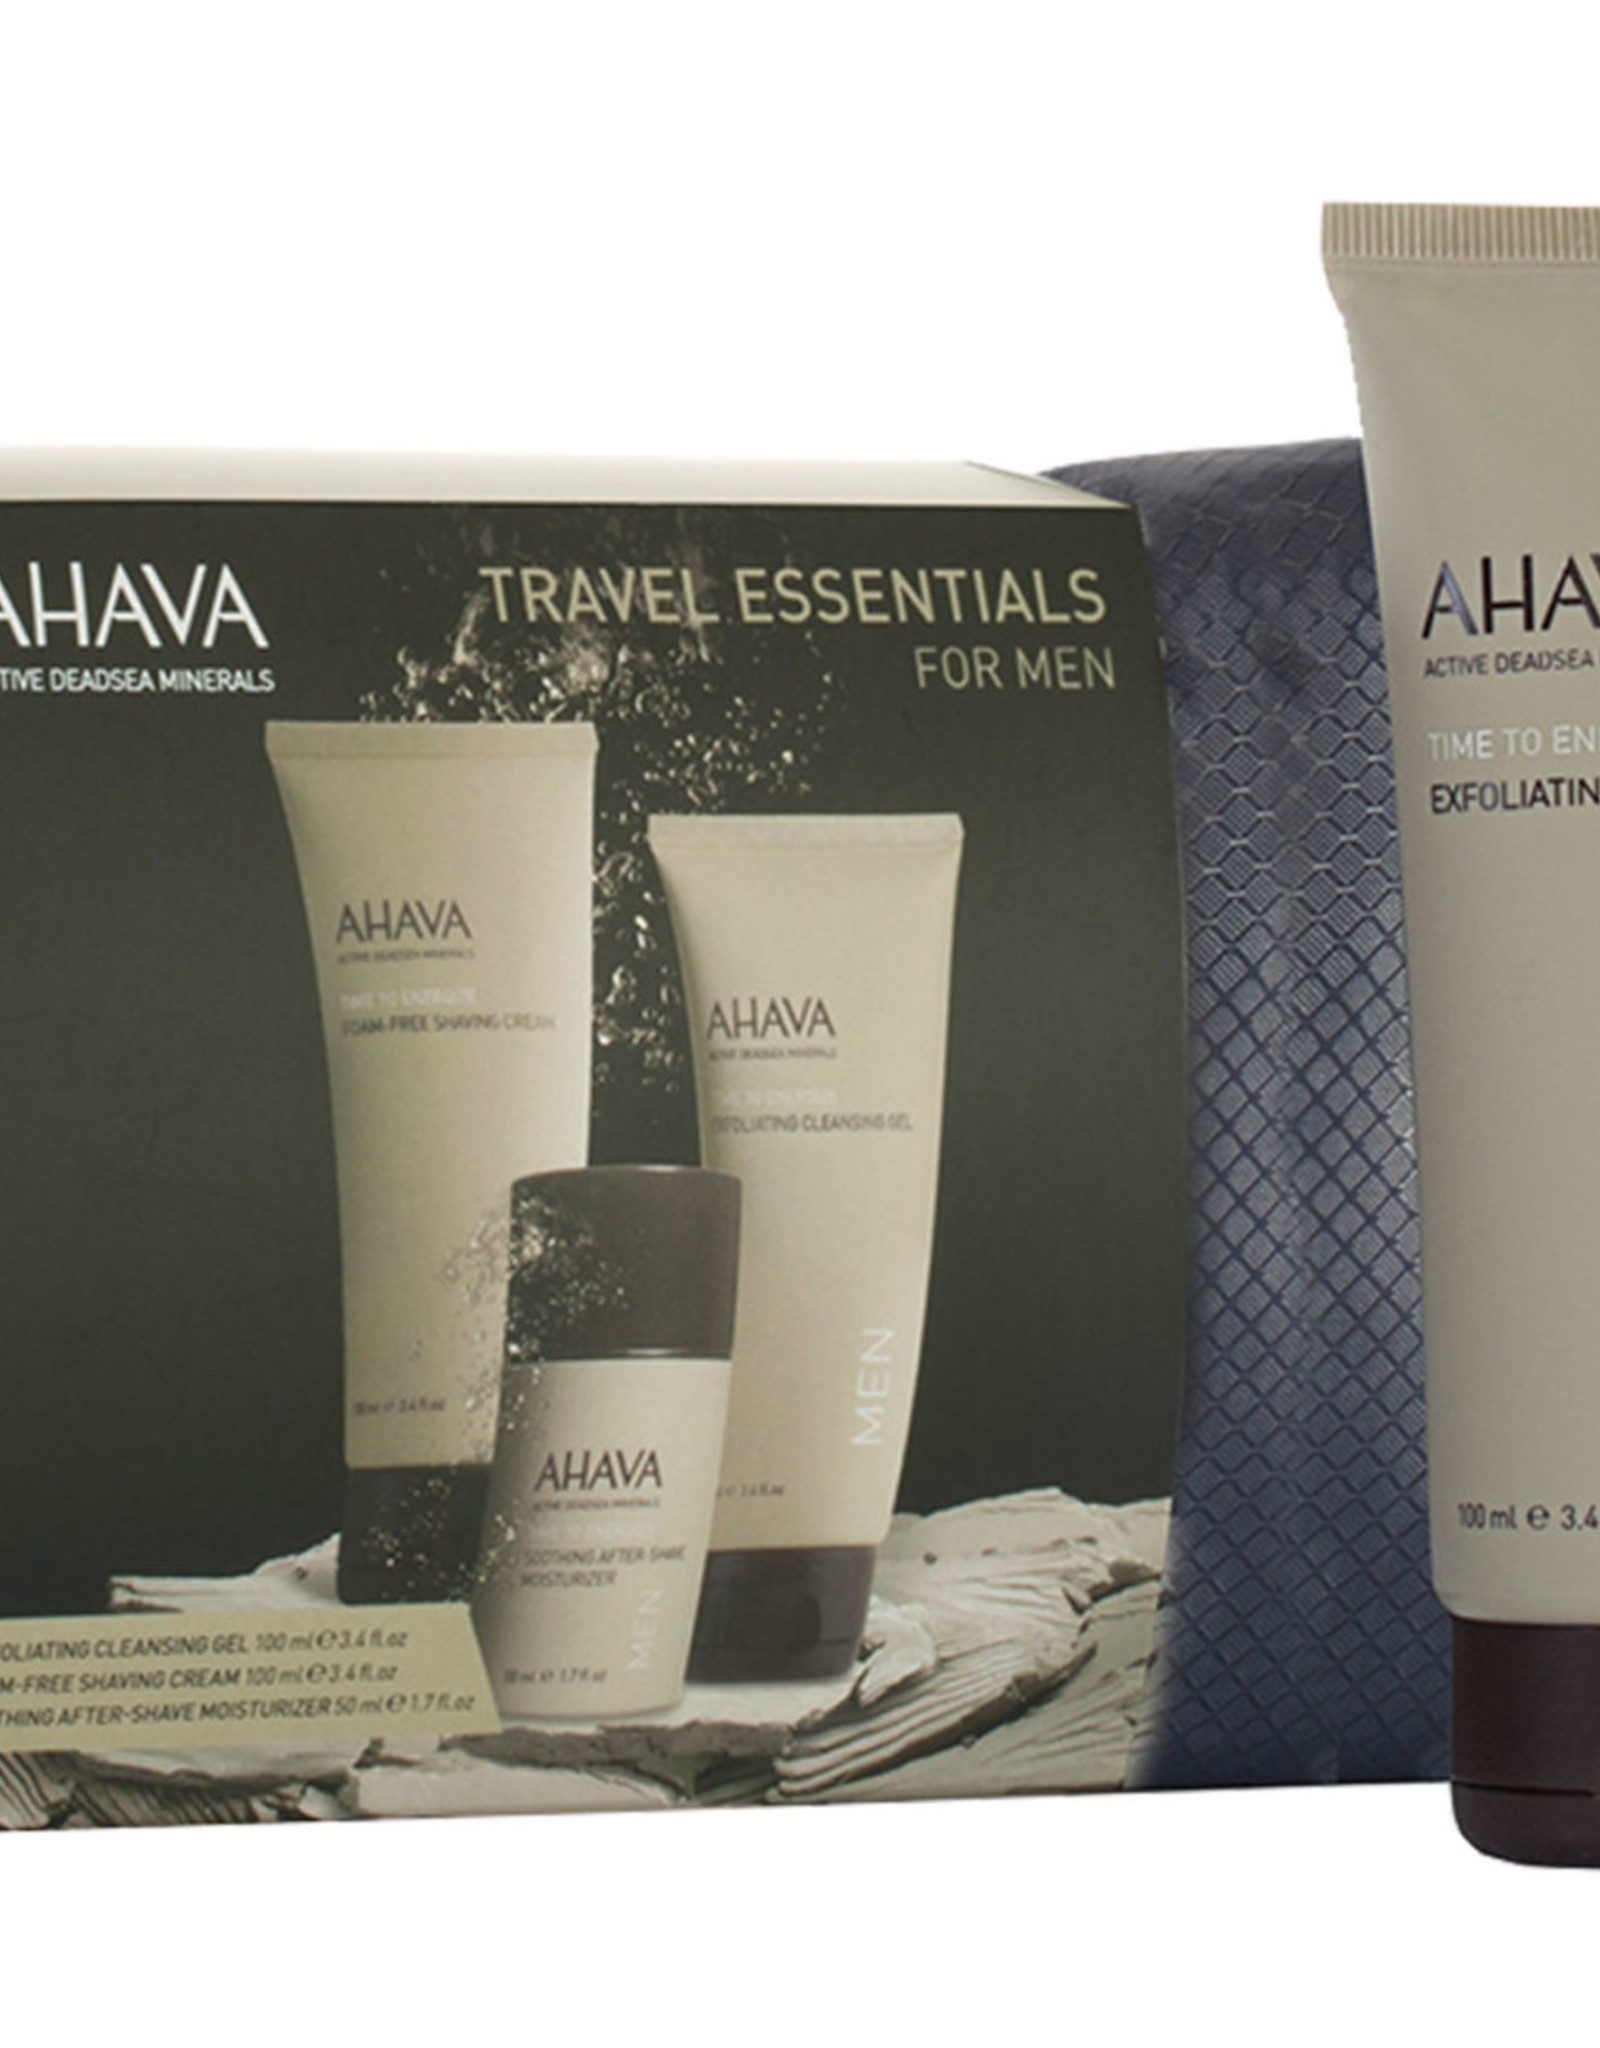 AHAVA Travel kit for men